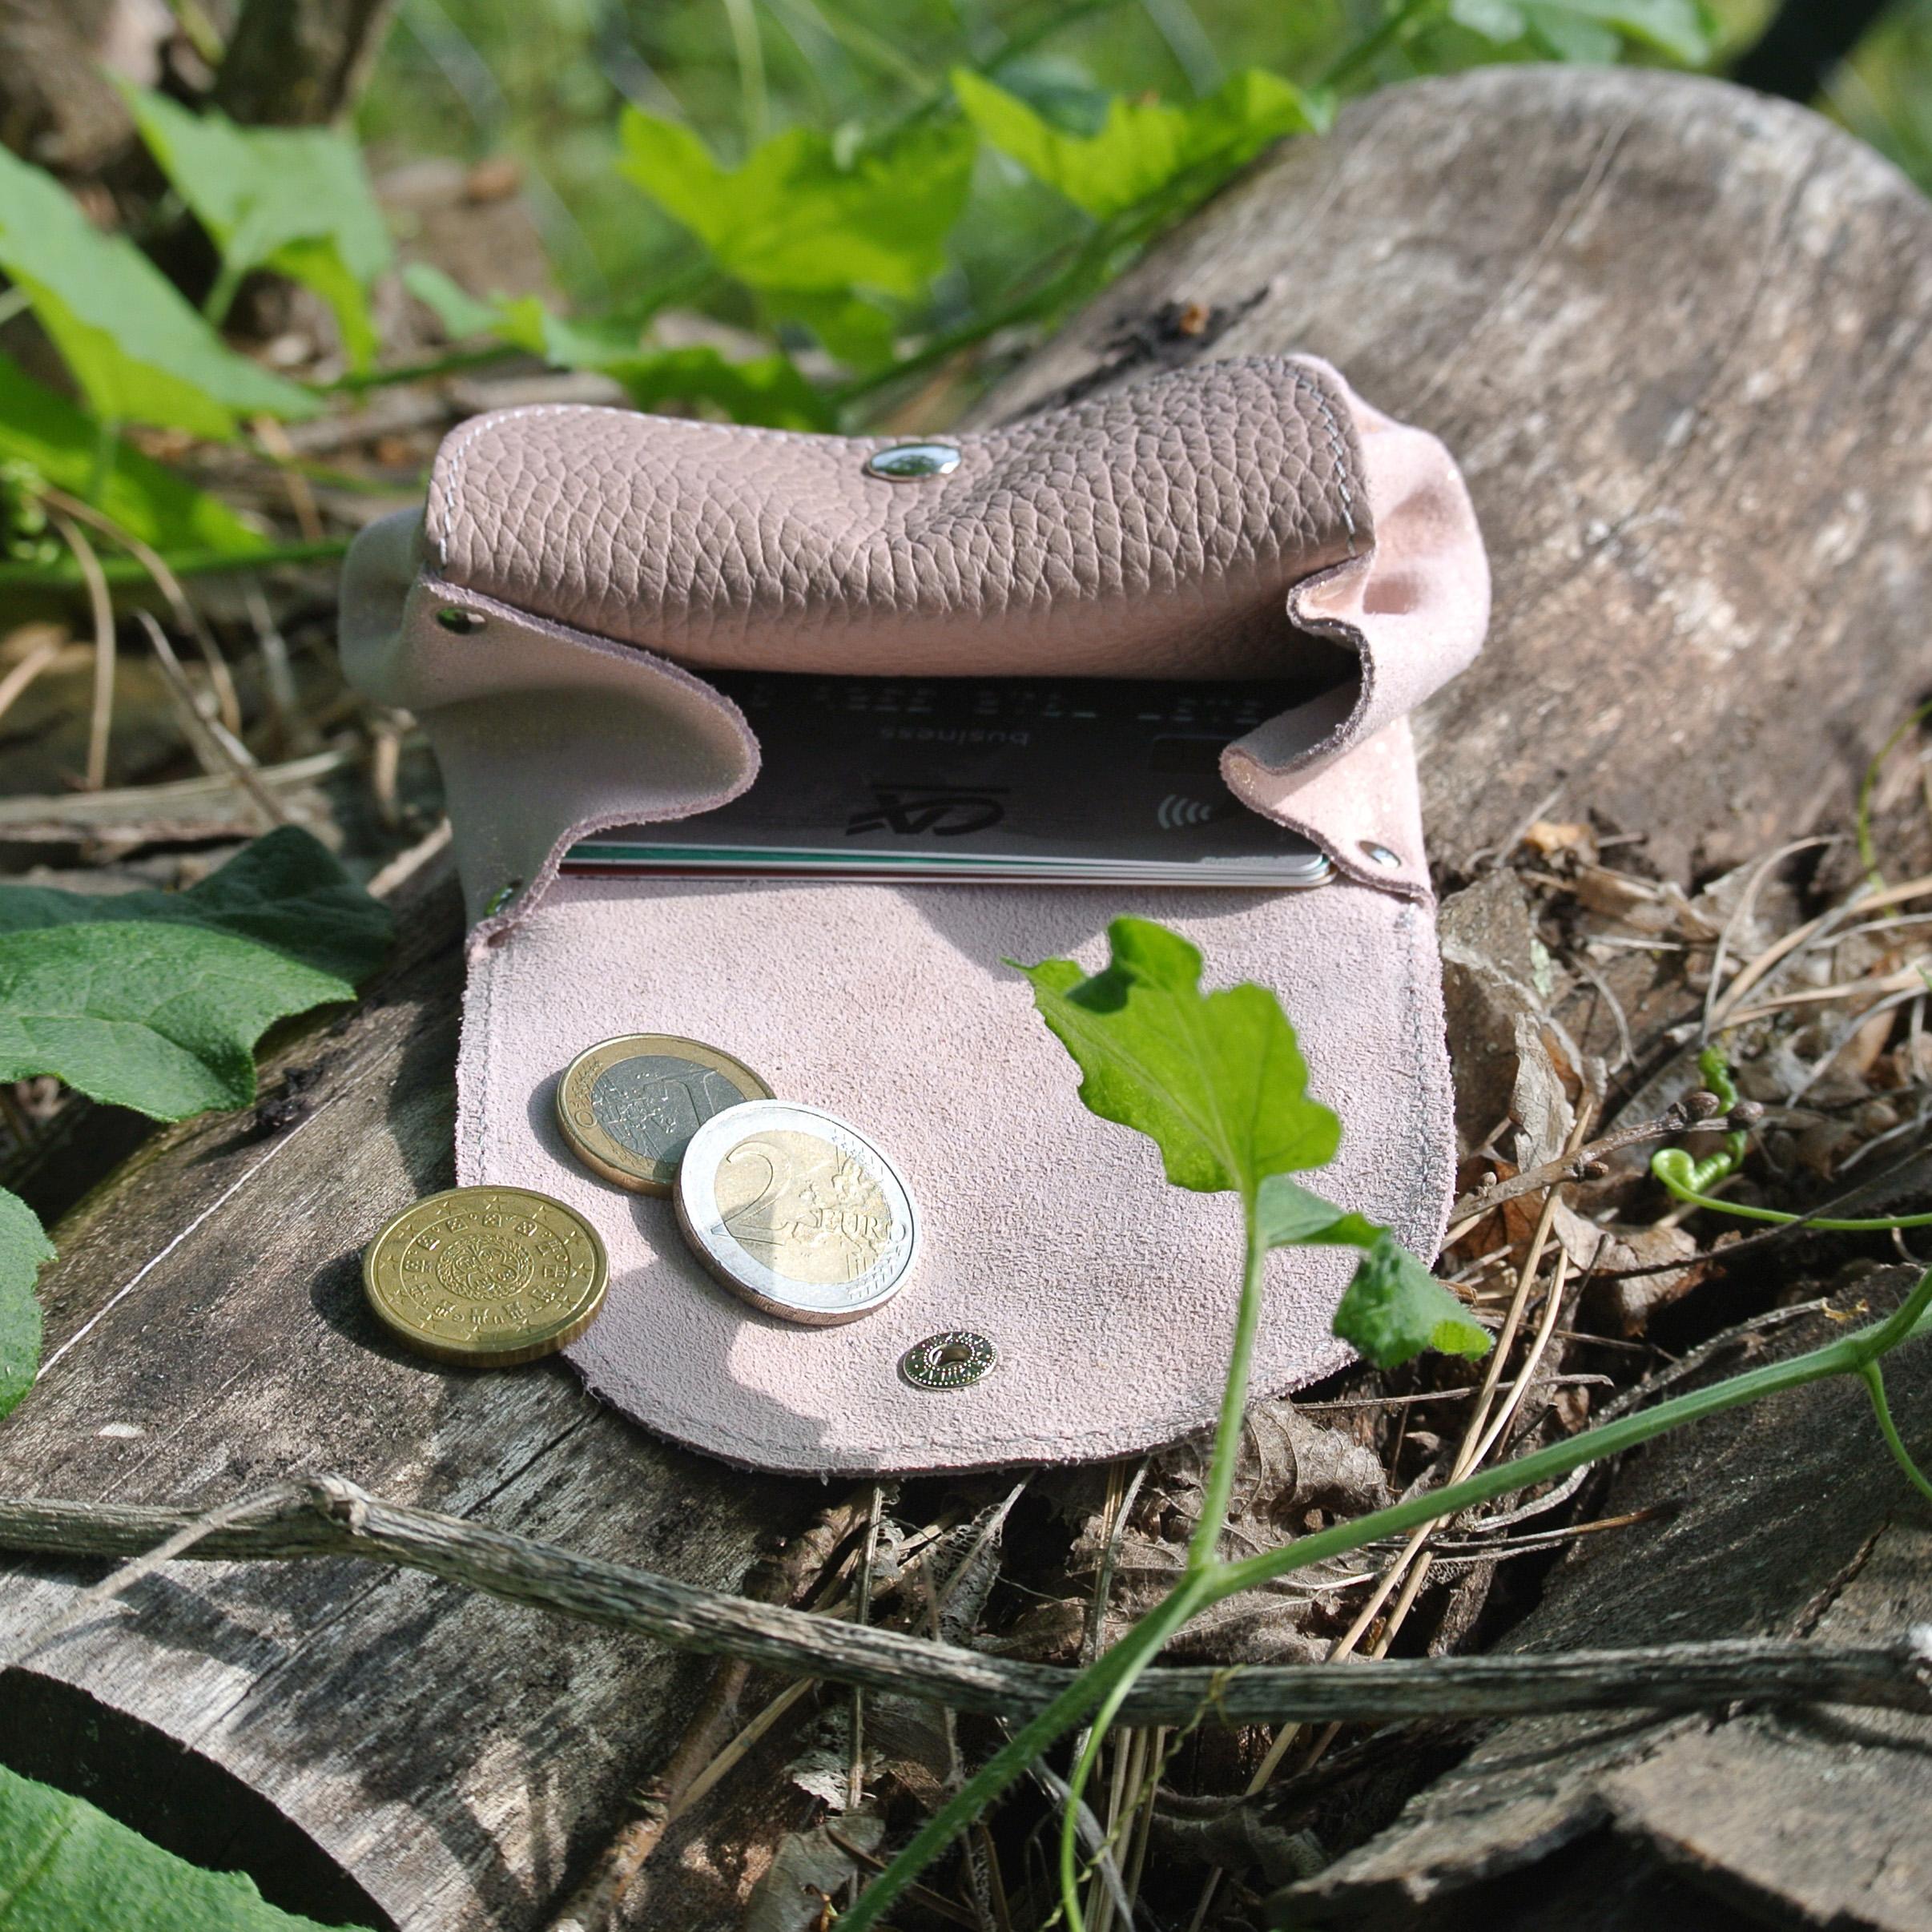 cuirs-fantaisie-la-cartabliere-fabrique-en-france-porte-monnaie-accordeon-en-cuir-ouvert